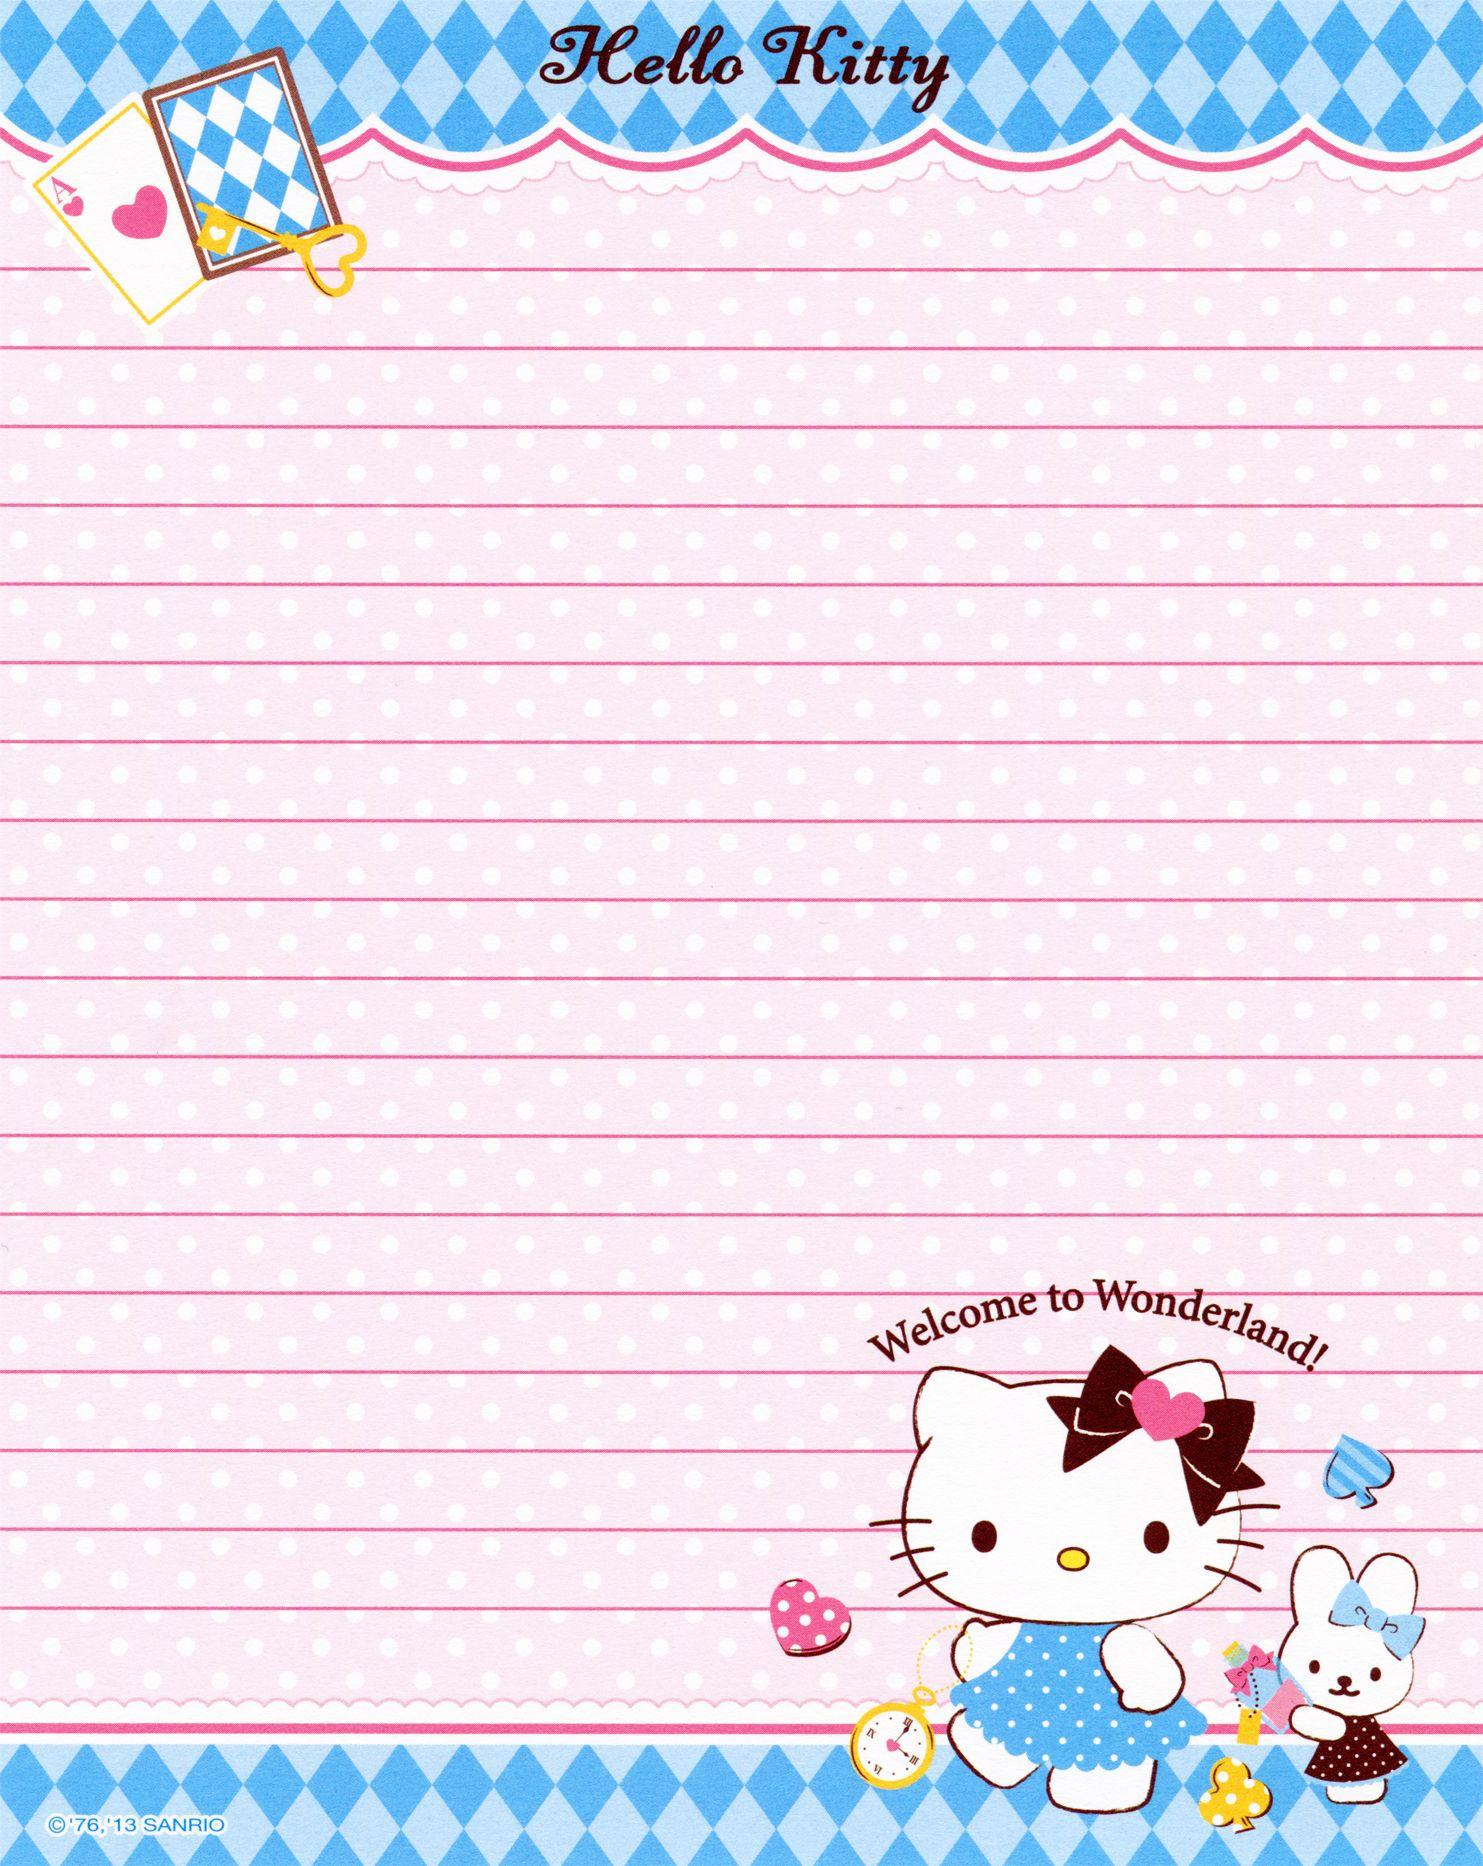 Sanrio - Hello Kitty - Memo Paper | Kitty & Sanrio | Pinterest - Free Printable Hello Kitty Stationery